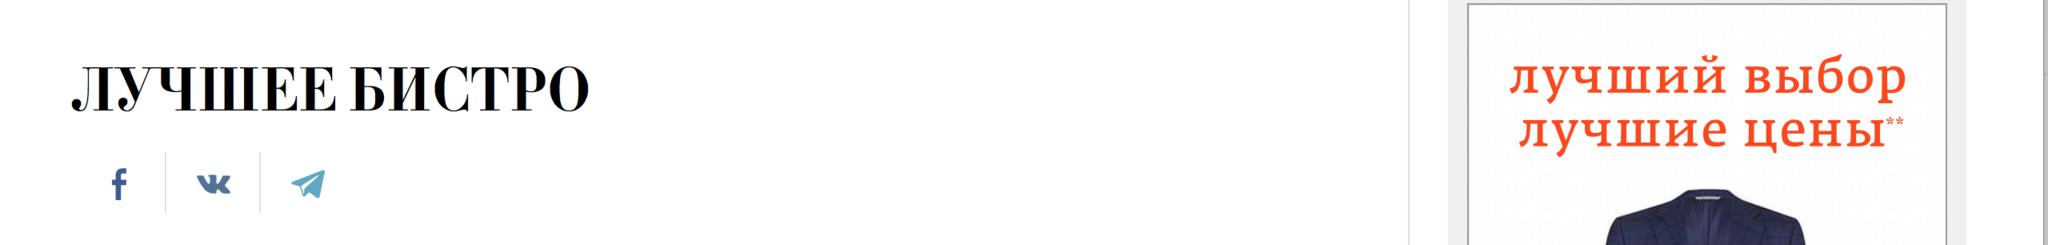 Ресторанный рейтинг GQ 2017_JEROME/PROBKA на ЦВЕТНОМ